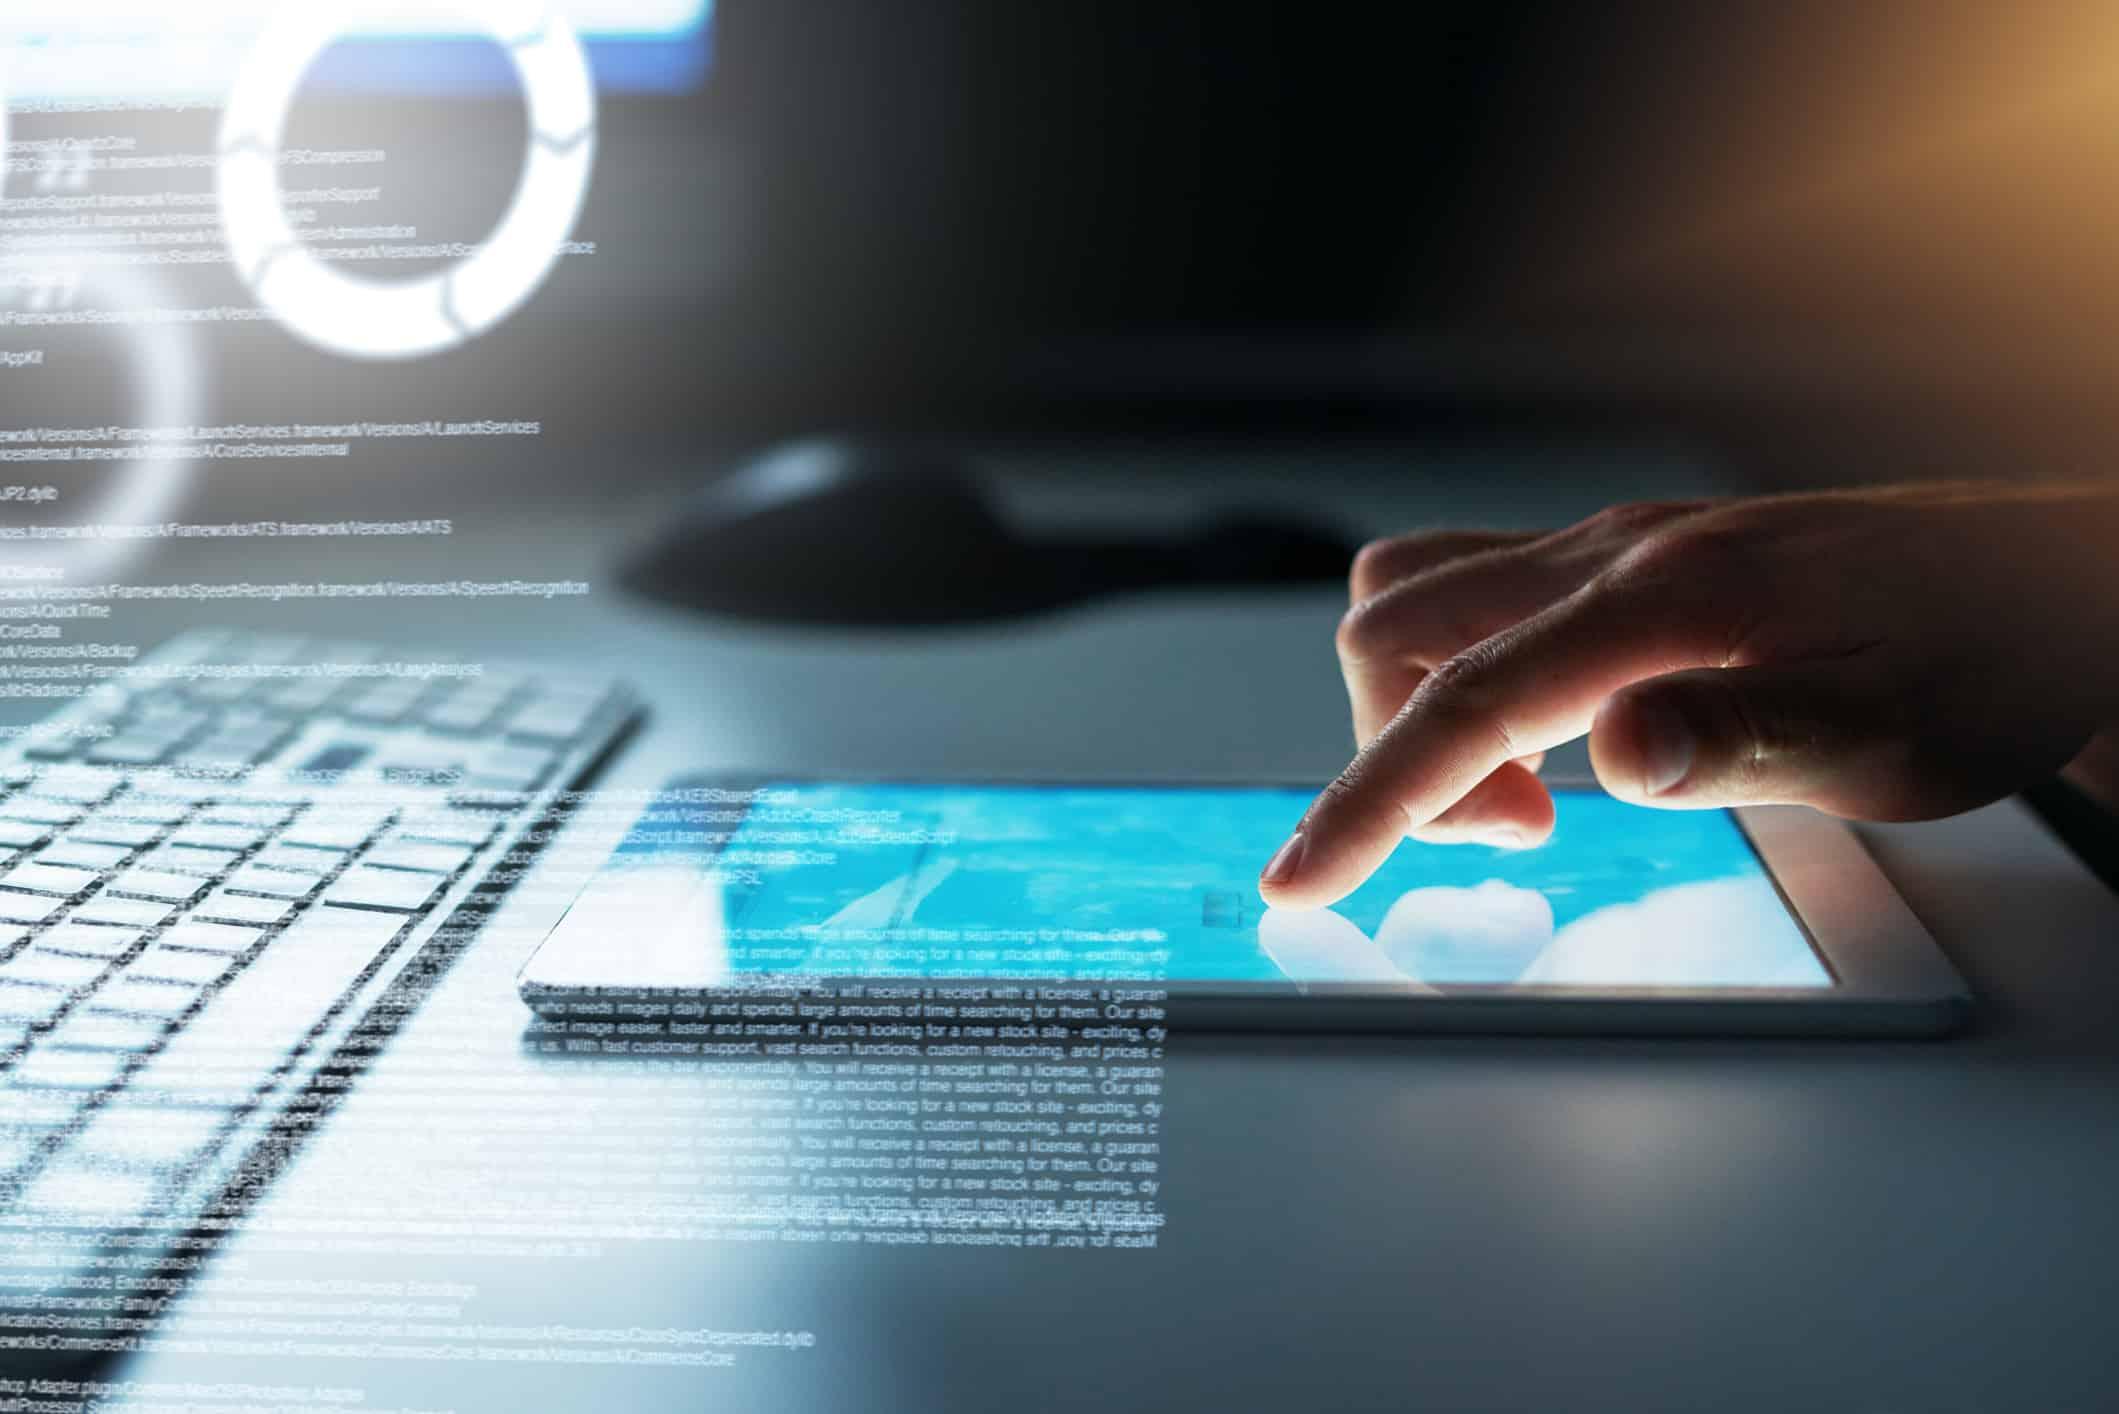 O marketing ágil precisa de ser baseado em uma cultura data driven